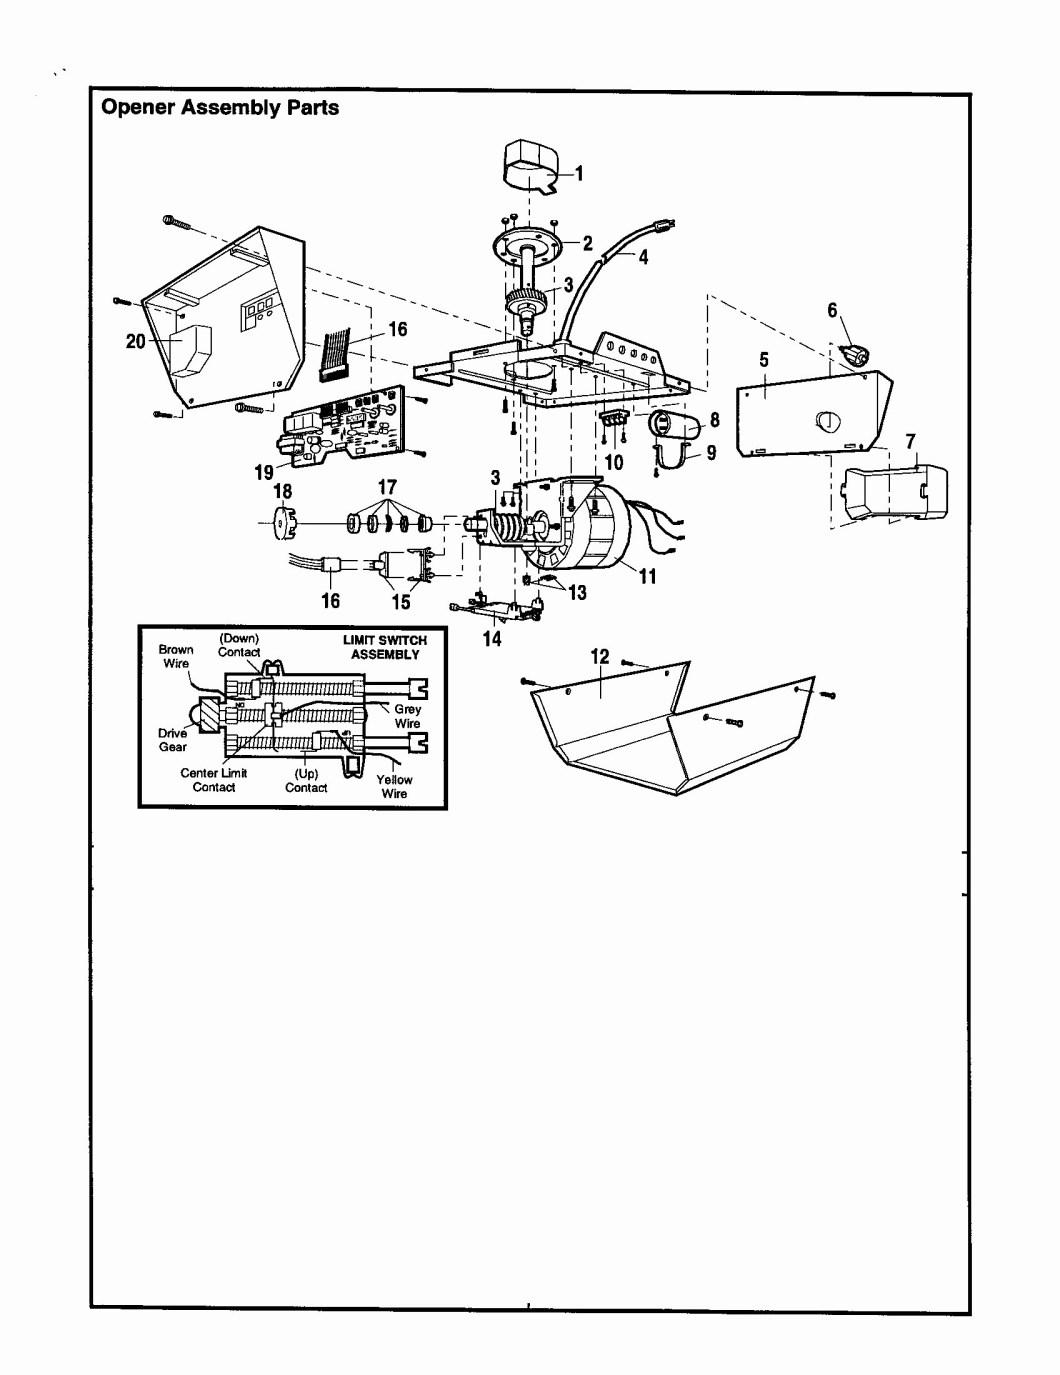 Wiring Diagram For Genie Garage Door Opener from i0.wp.com